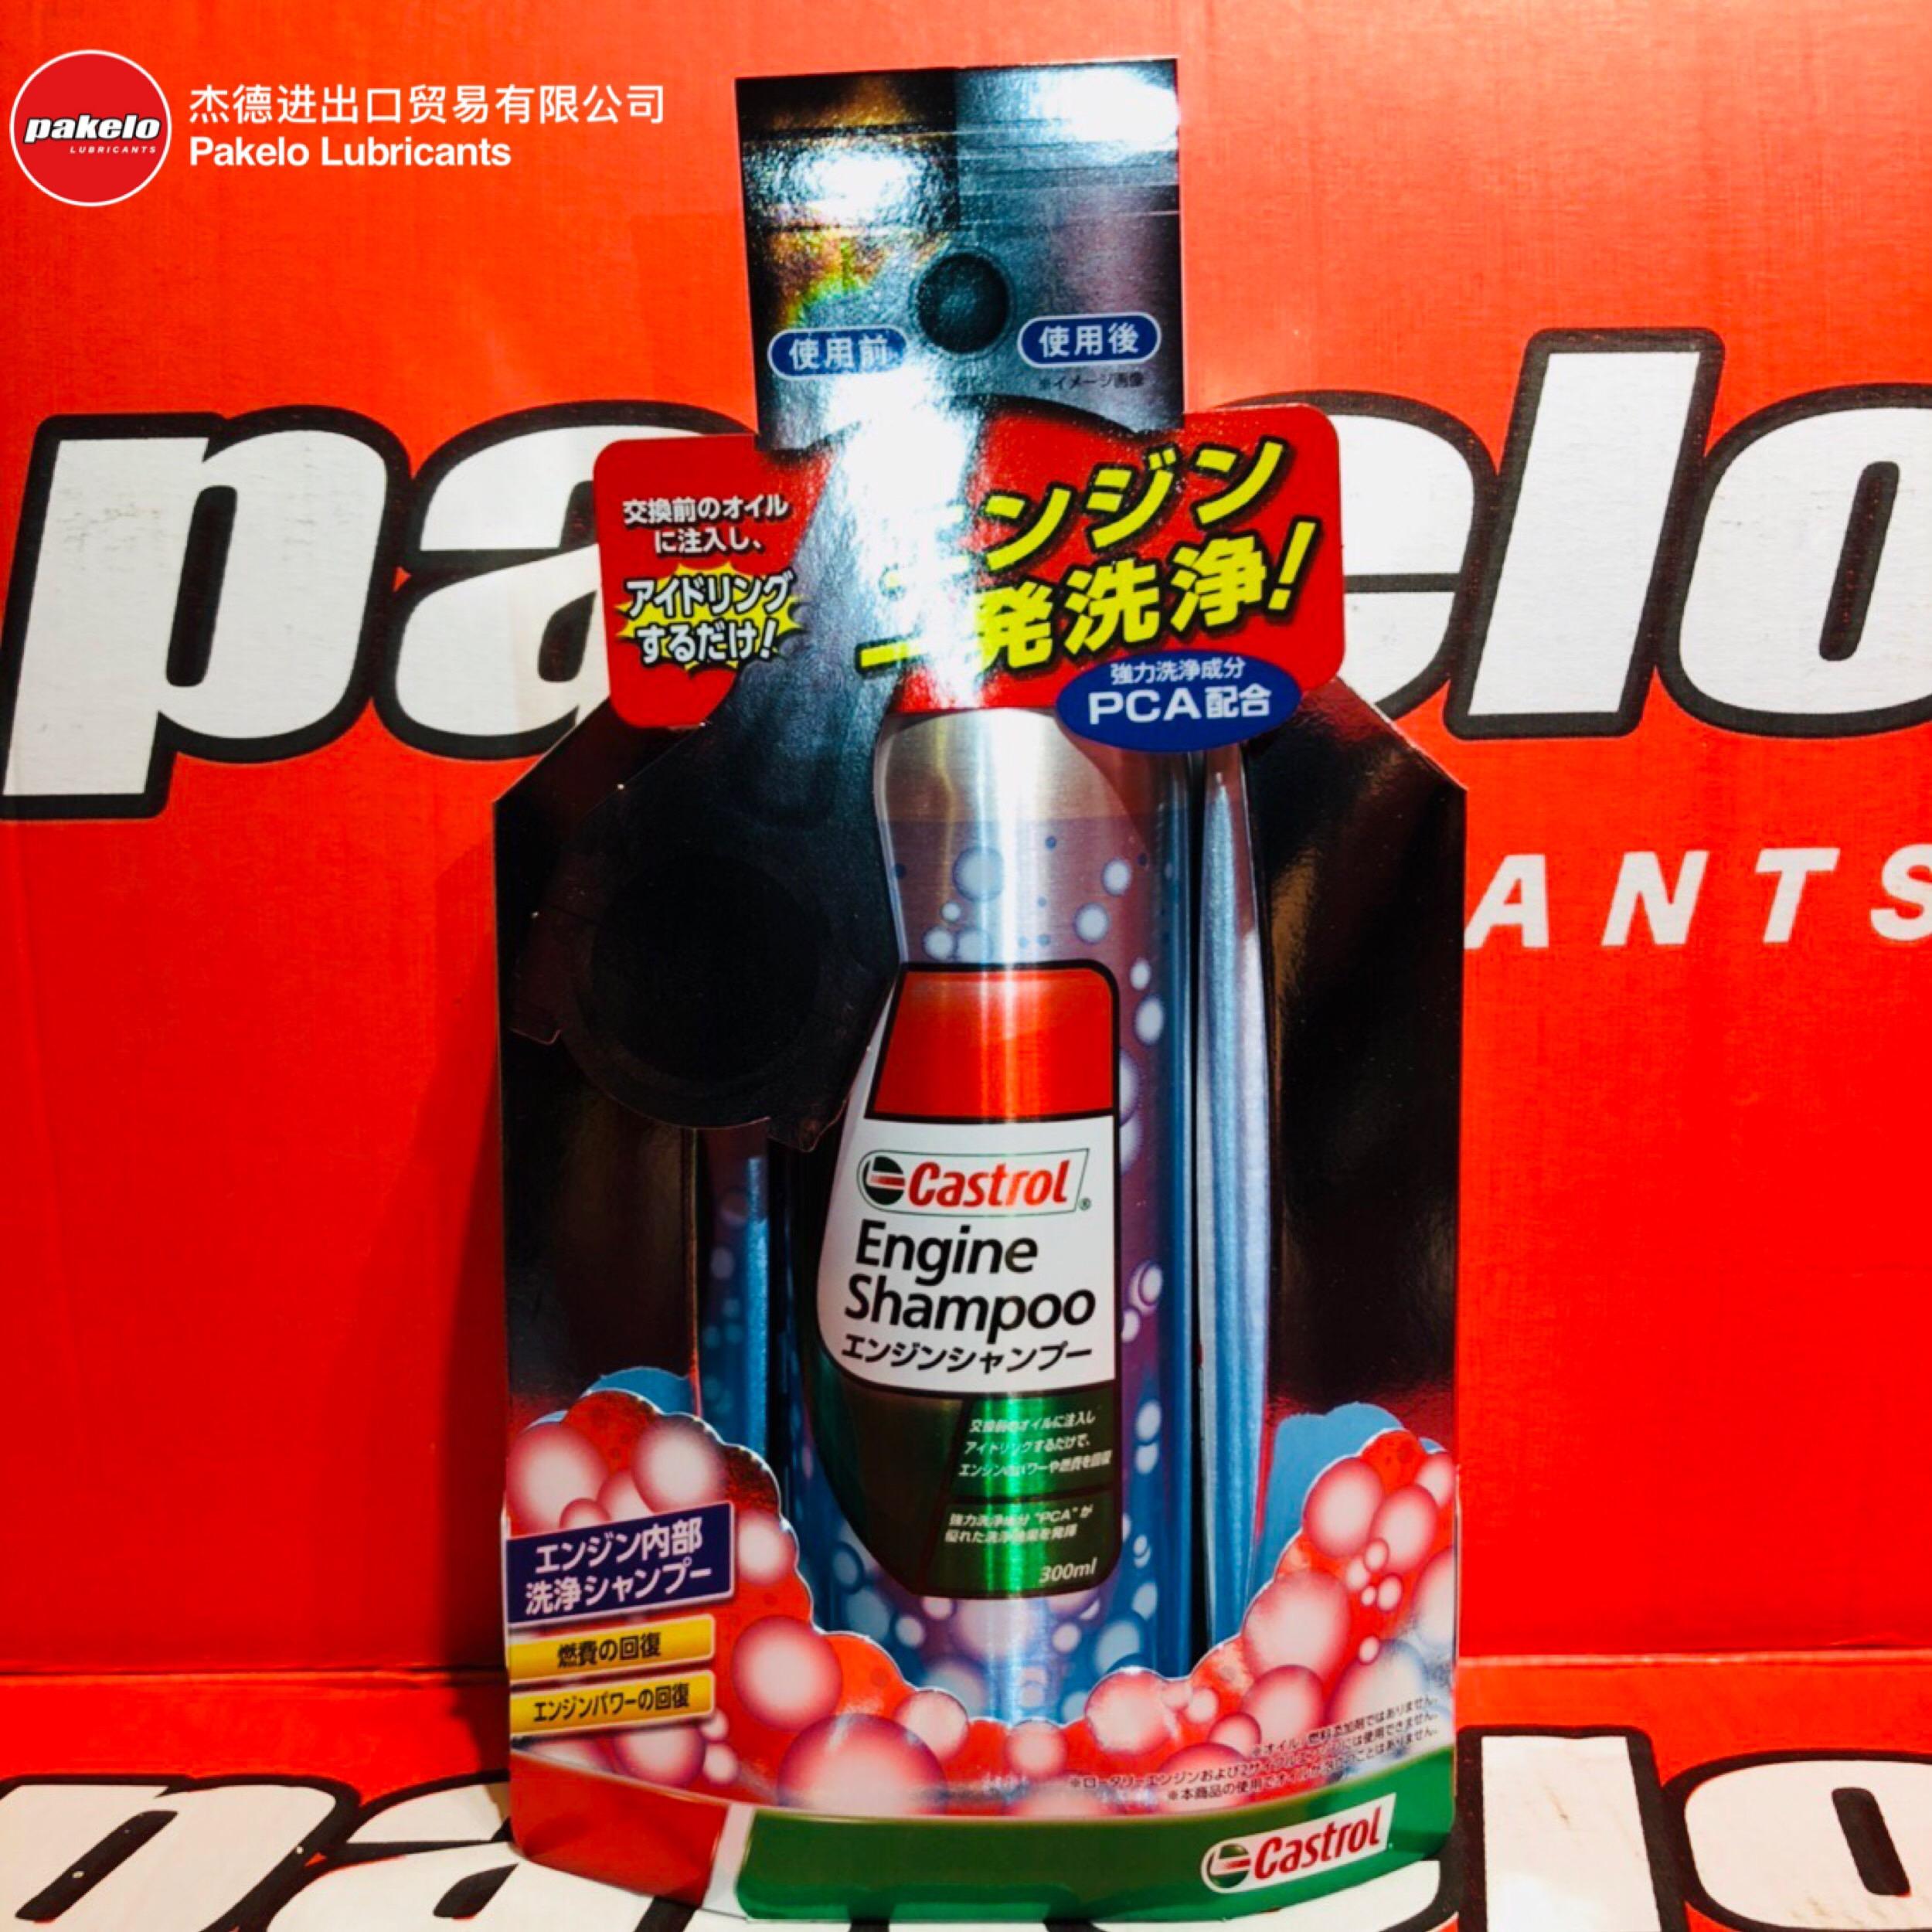 全包邮保养套餐嘉嗜朽免拆发动机清洗剂CastrolJapan日本